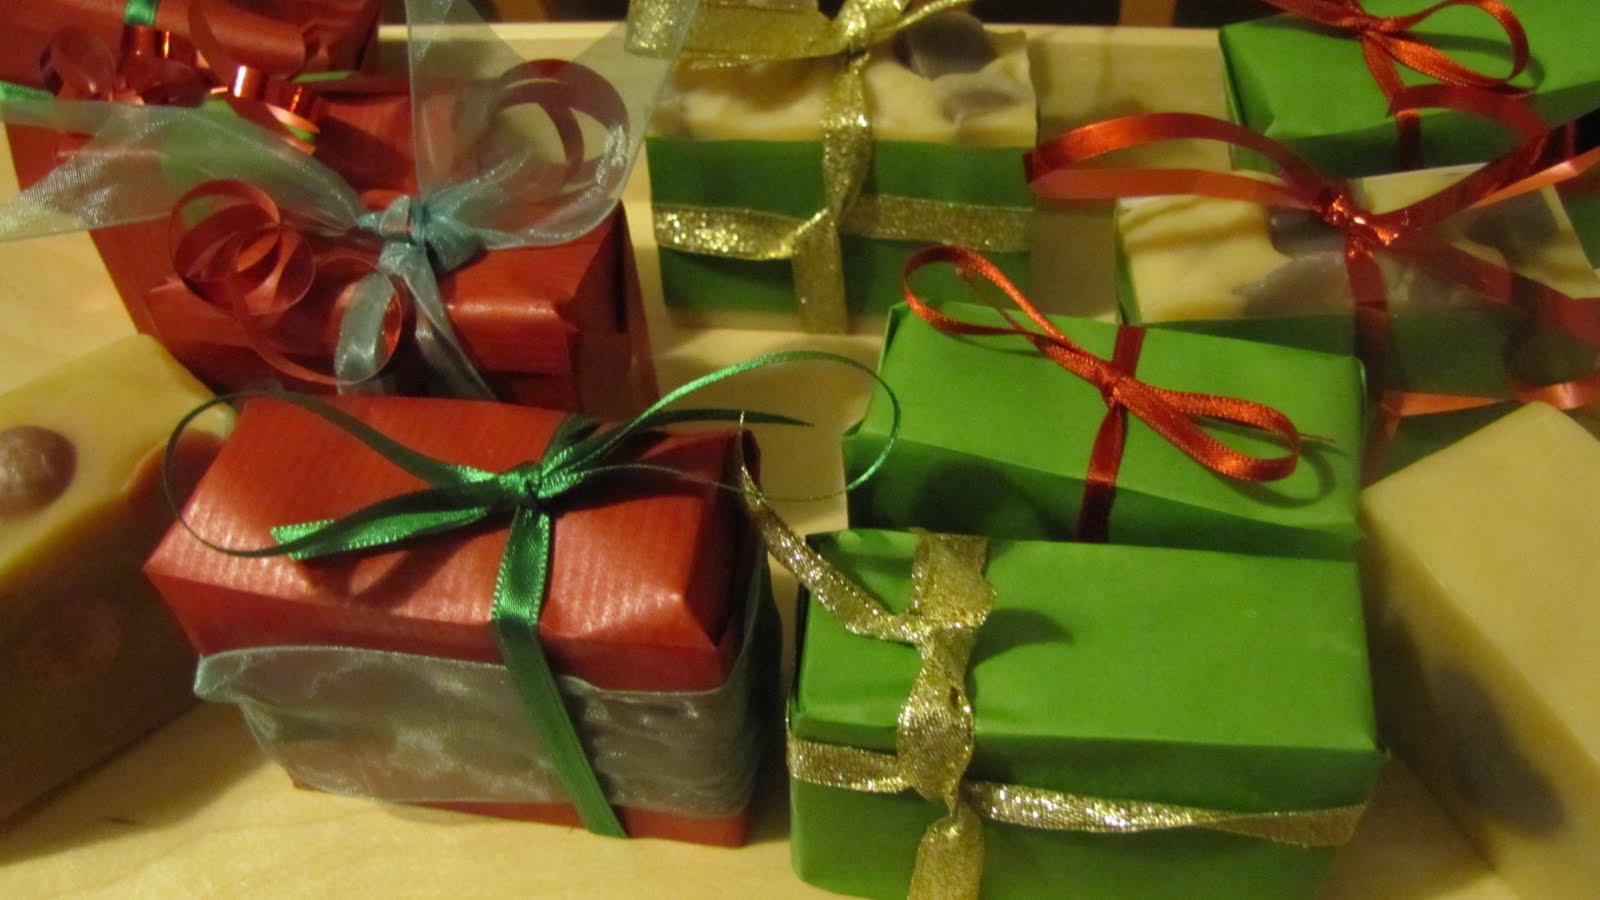 http://1.bp.blogspot.com/_JC1cgic6_D8/TPDPYo4om9I/AAAAAAAAAgg/2nkZeI33NSg/s1600/Christmas%2Bcraft%2Bfair%2B5.JPG